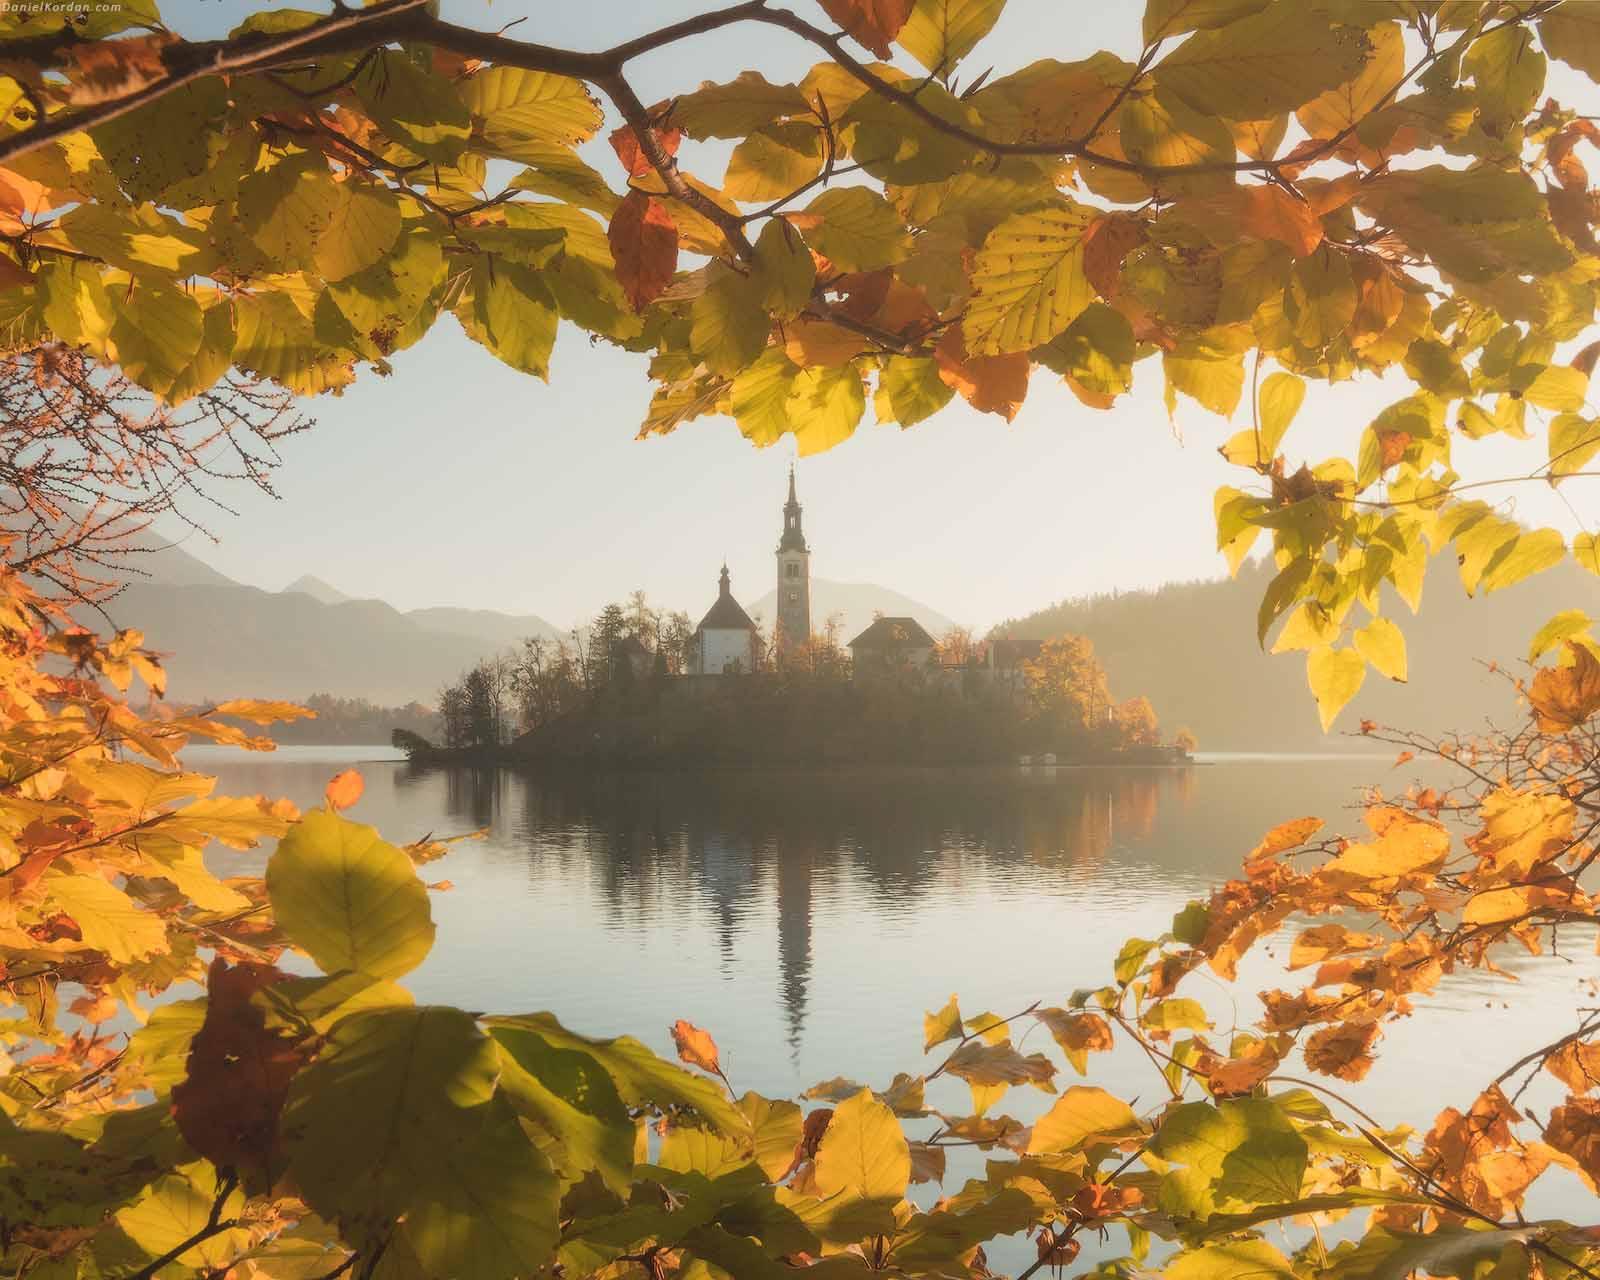 Slovenia and Croatia Photo Tour - day 1